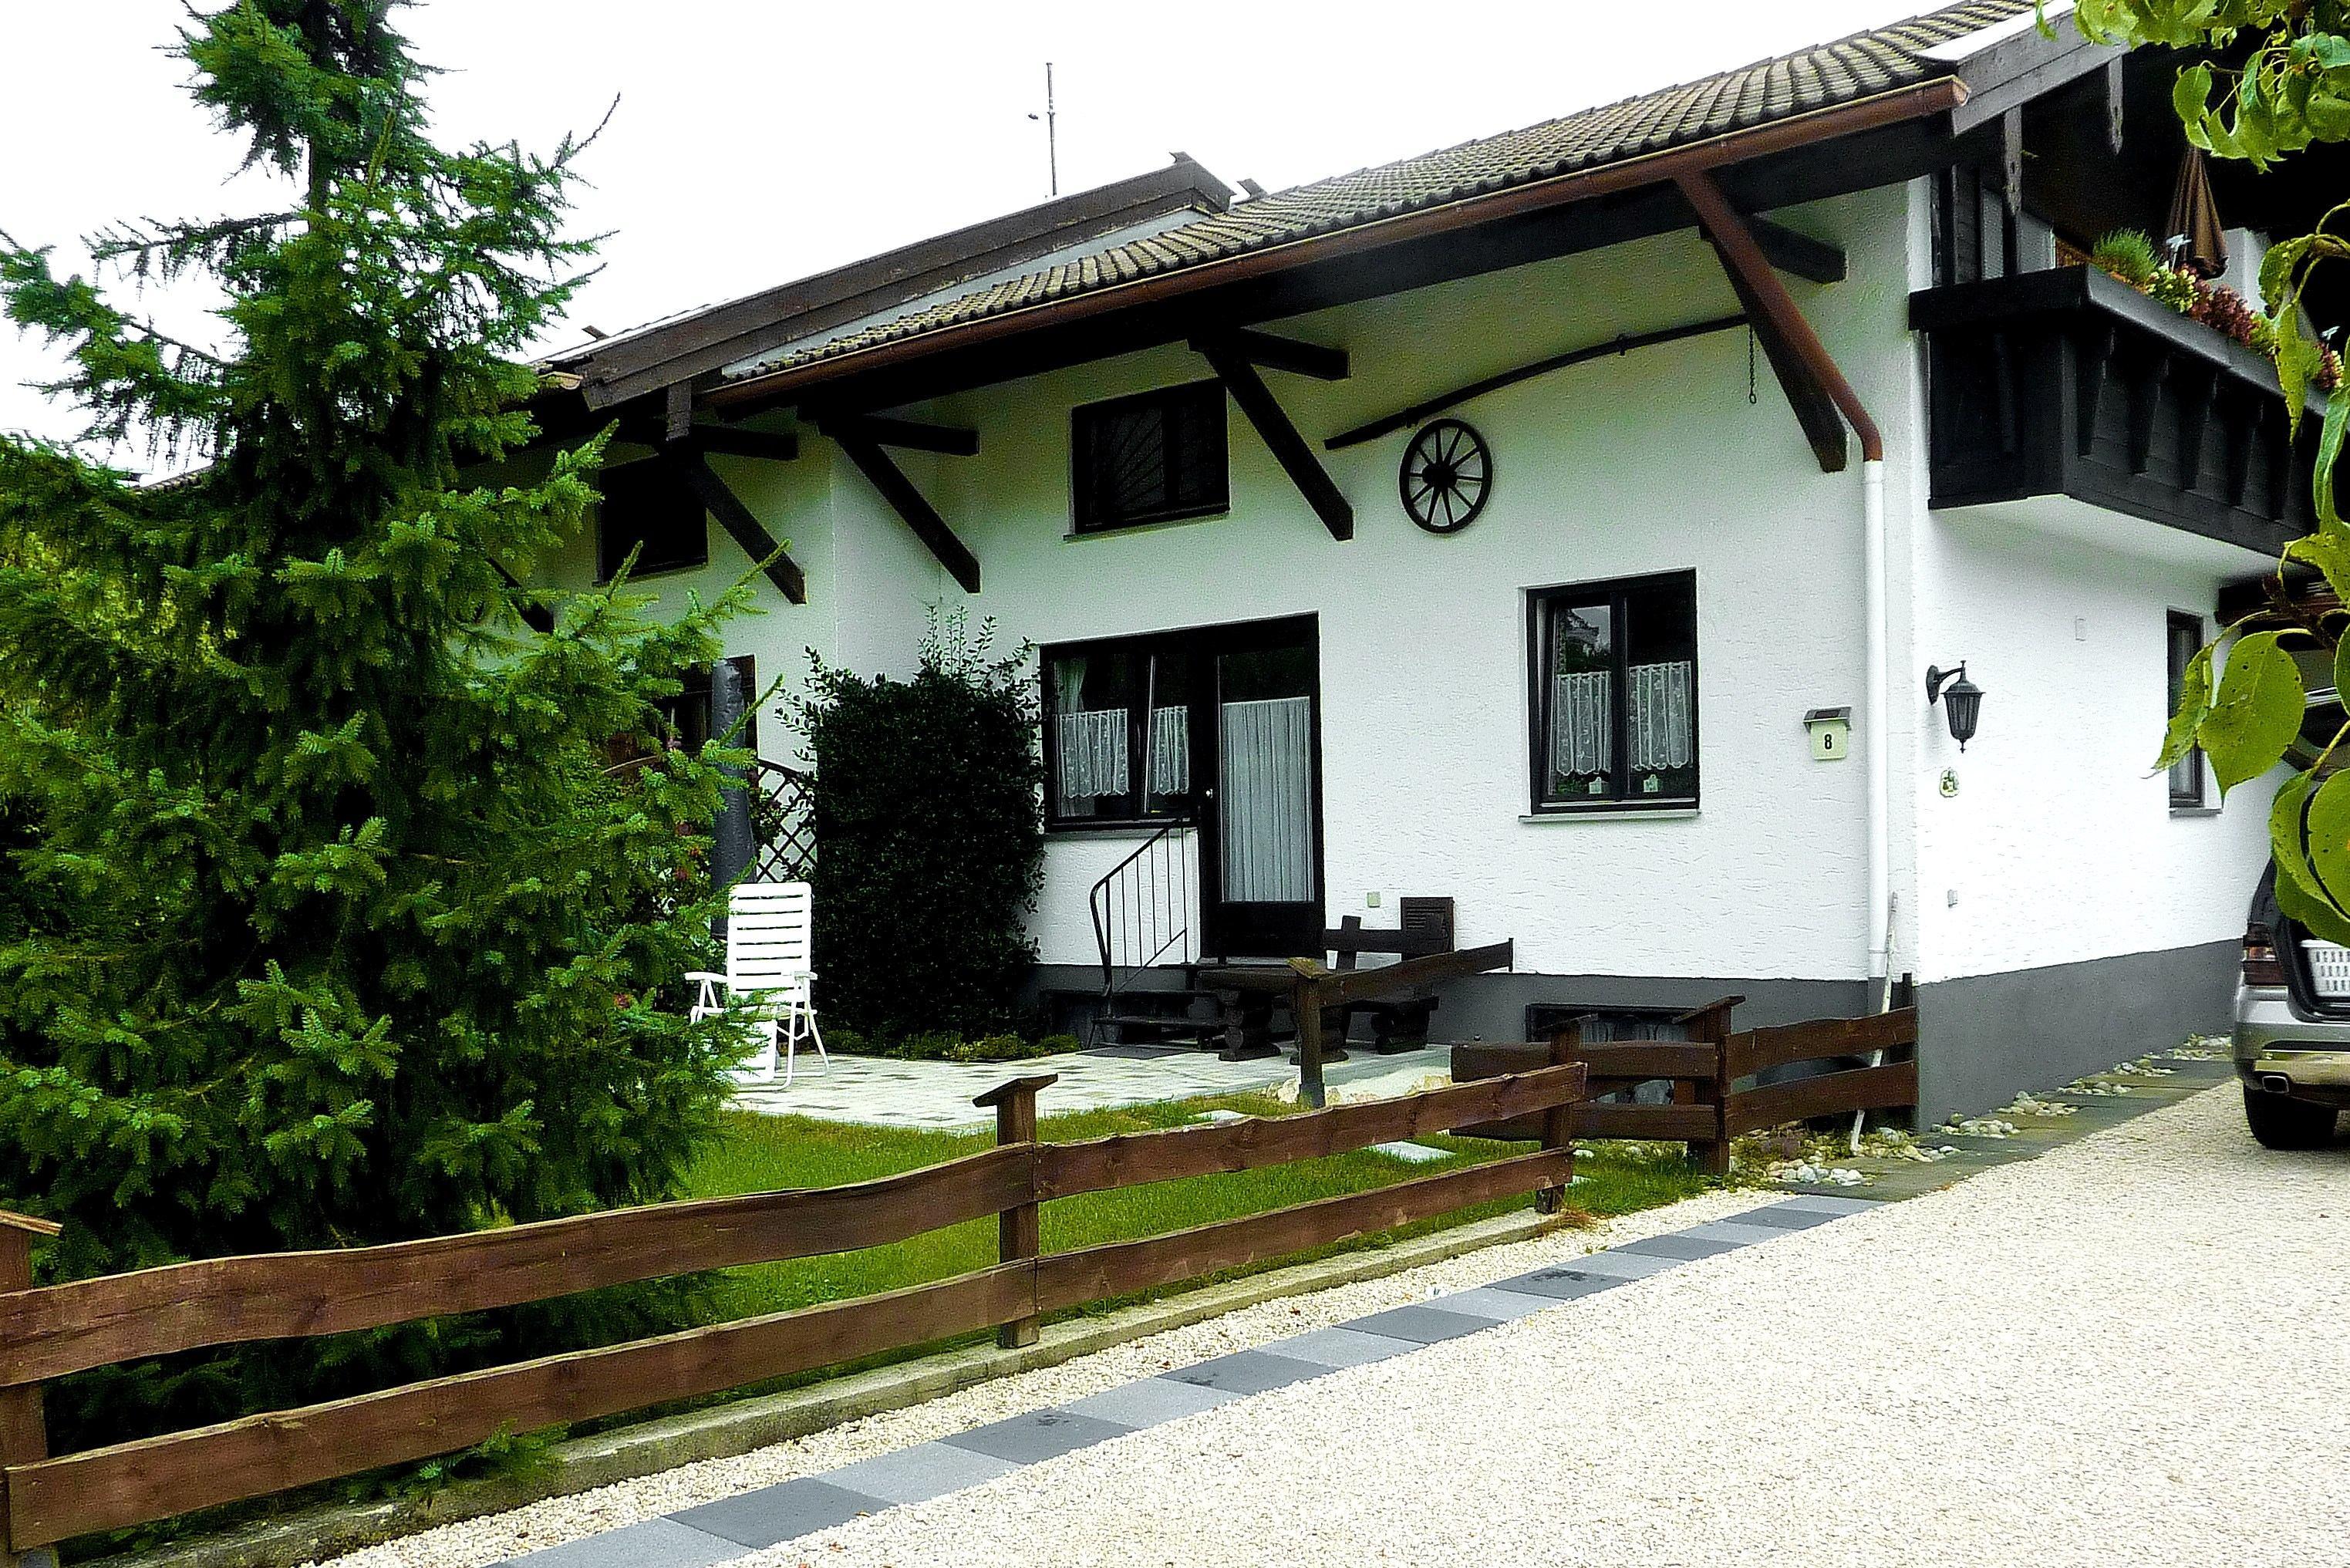 Haus Monika De Ubersee Ferienwohnung 100 Qm 2 6 Personen Chiemsee